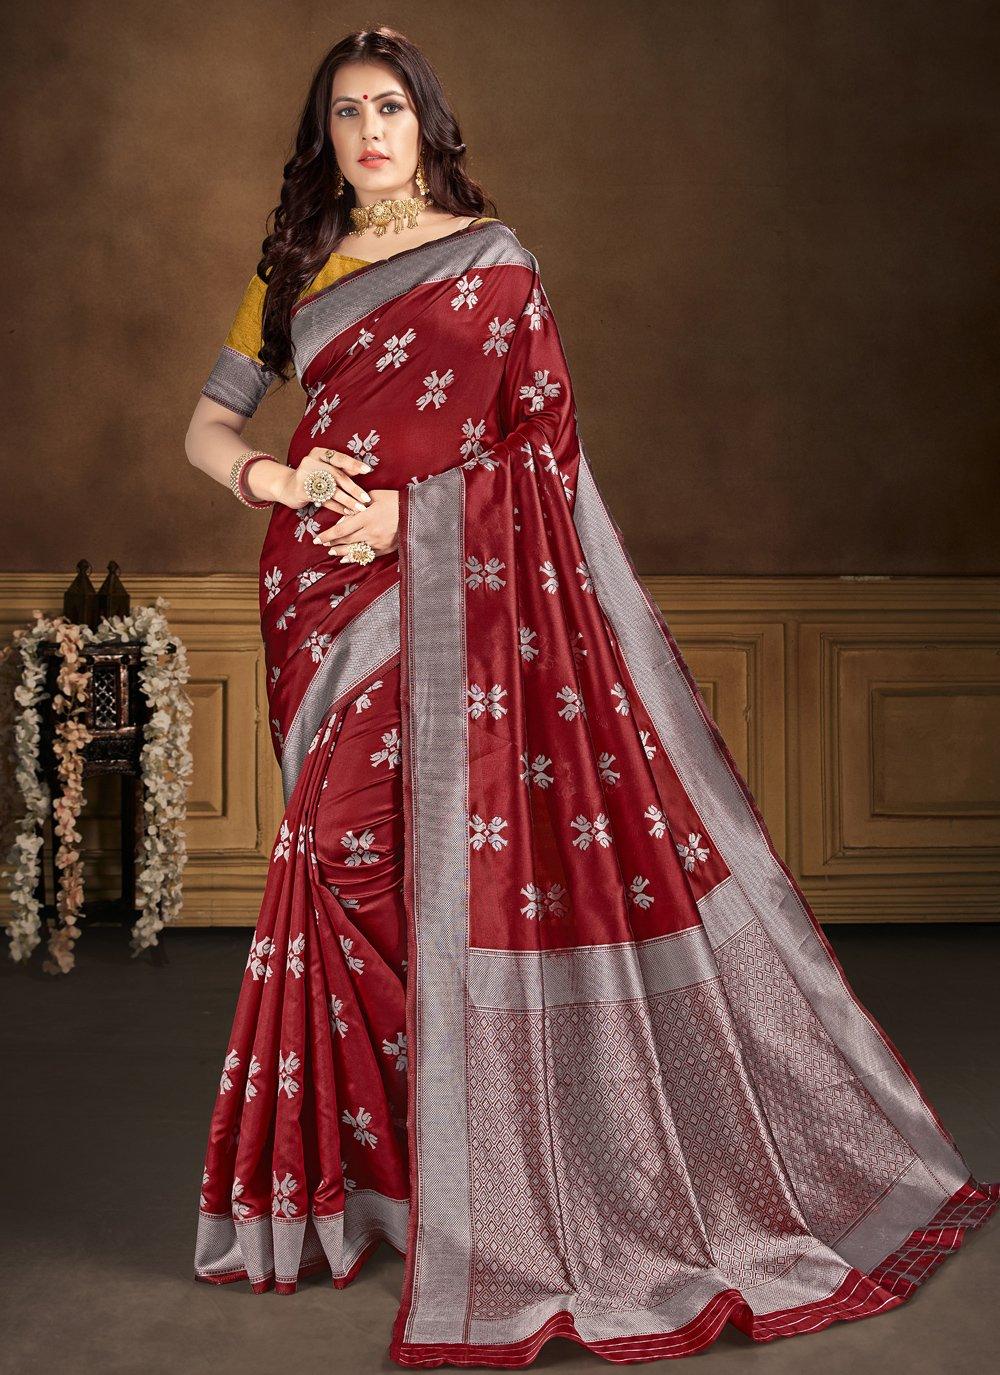 Banarasi Silk Traditional Saree in Maroon